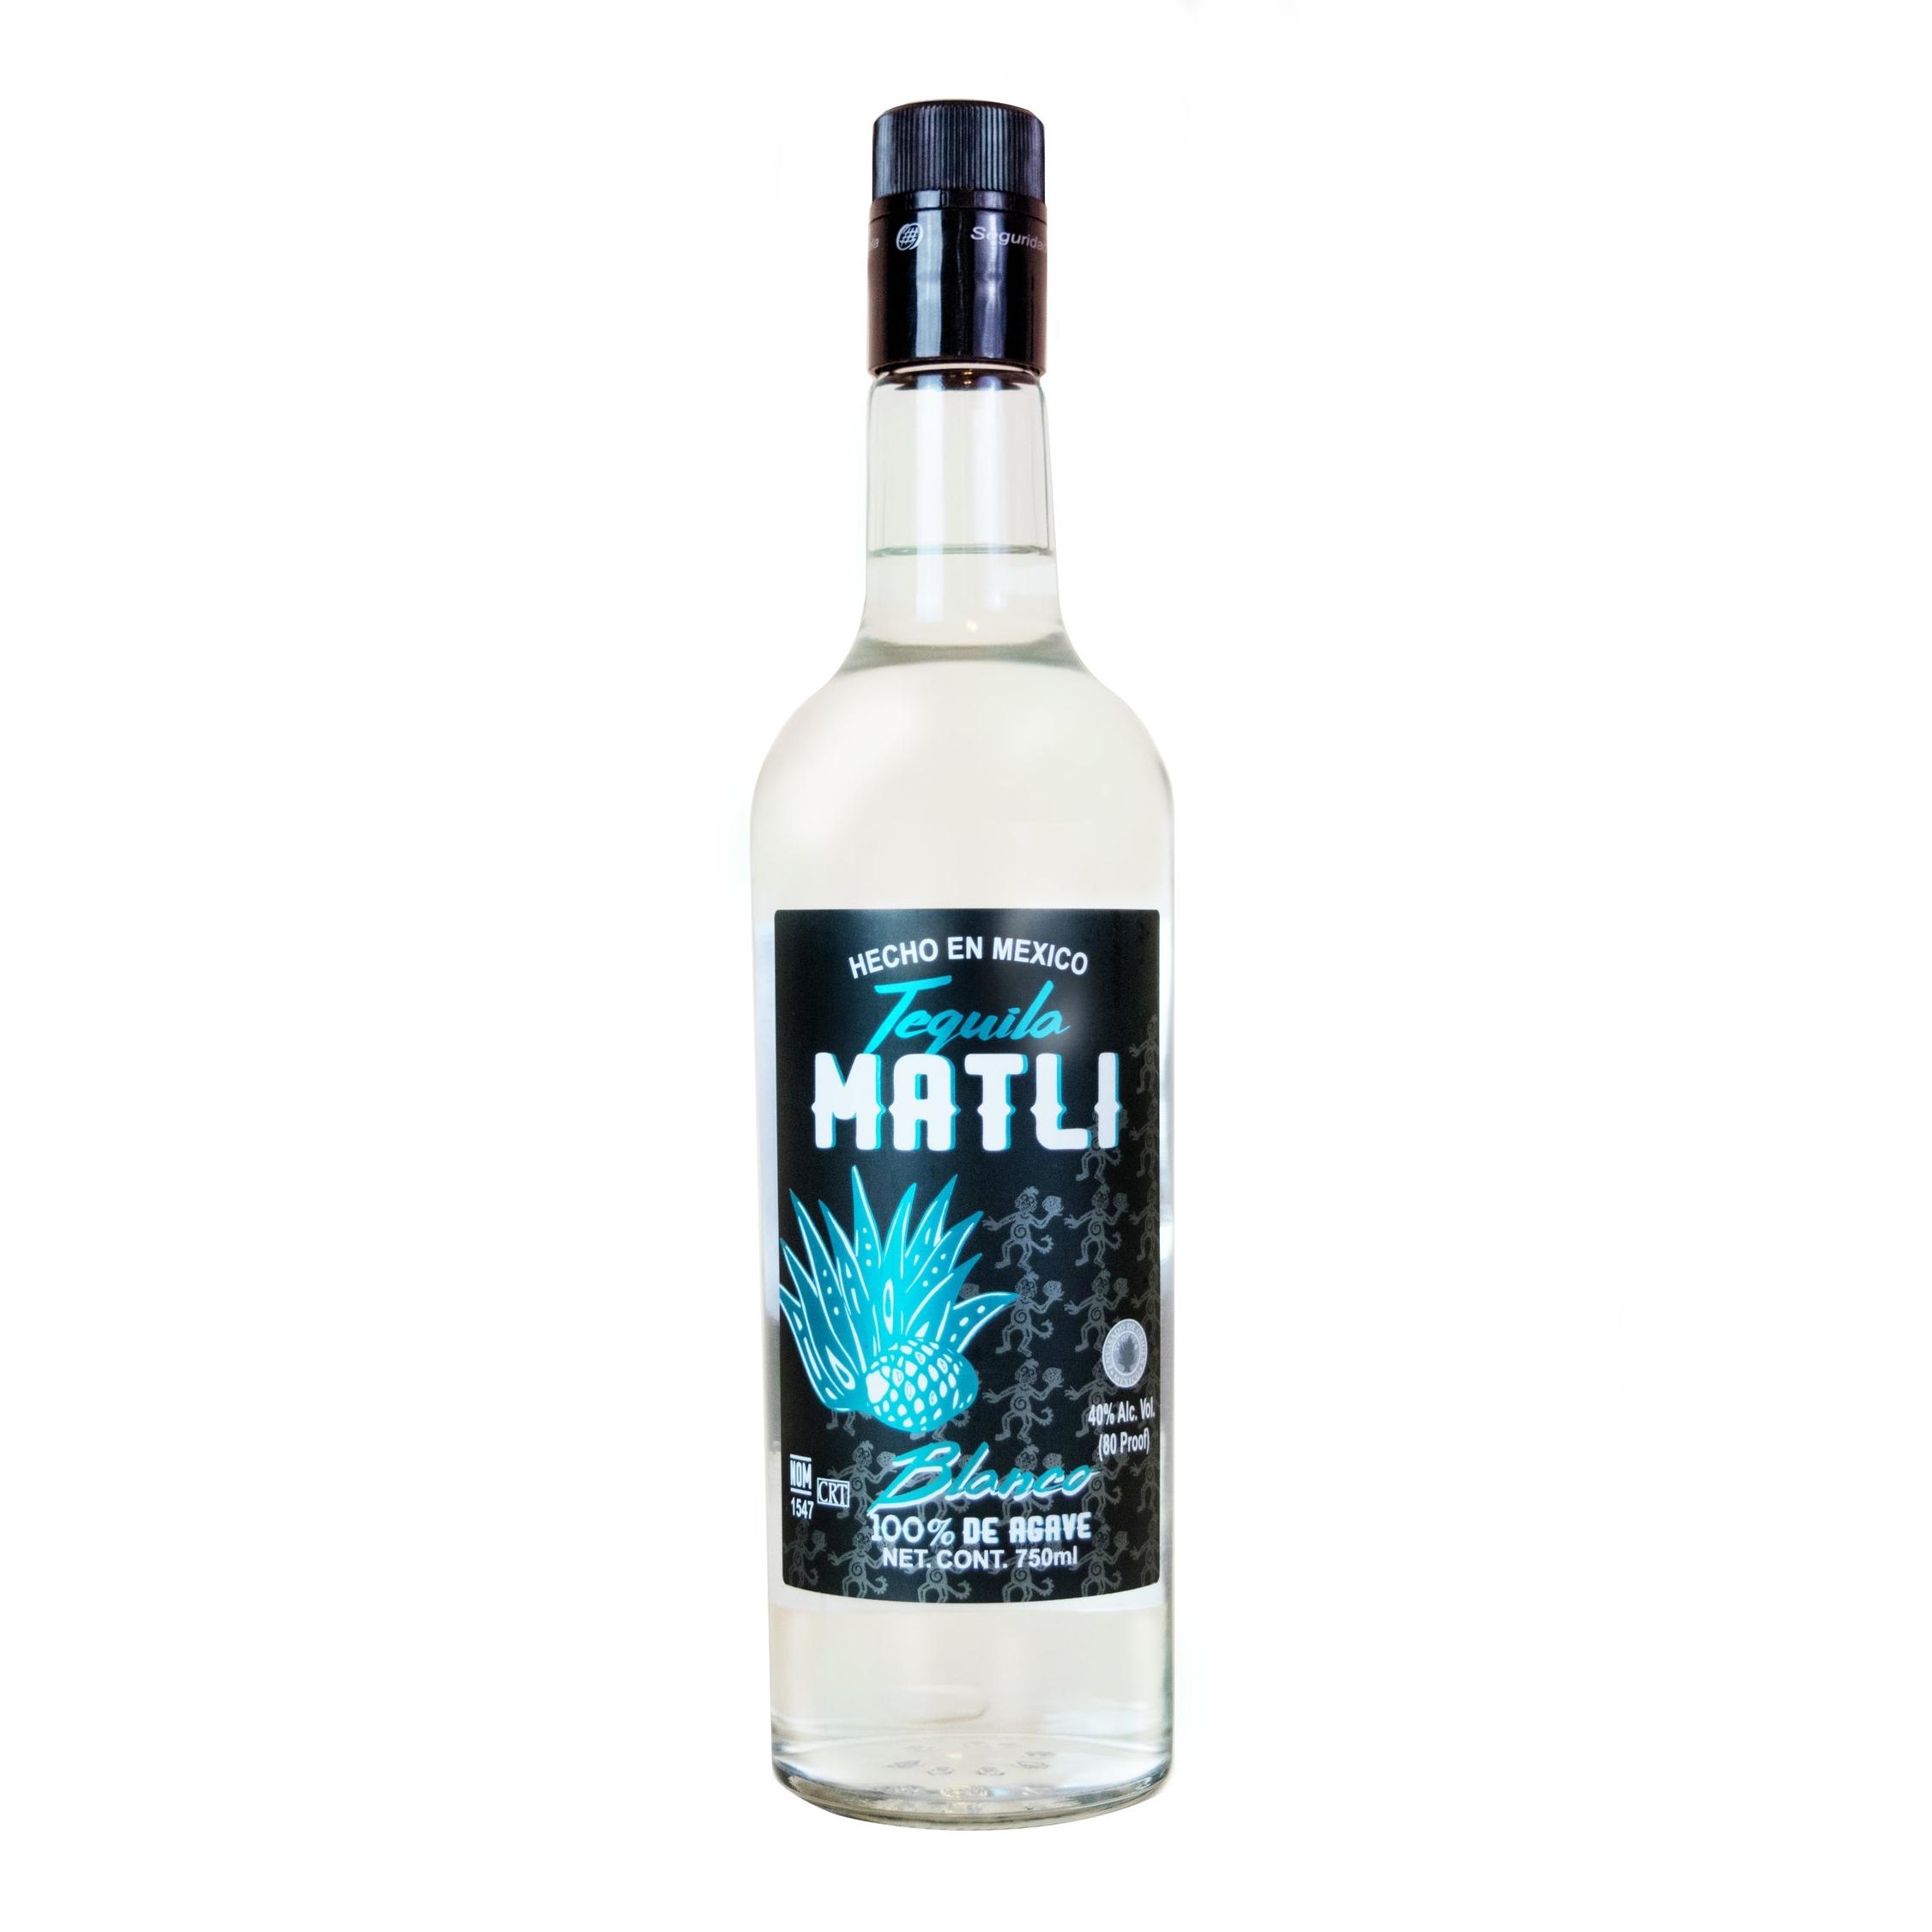 Matli-Blanco.jpg